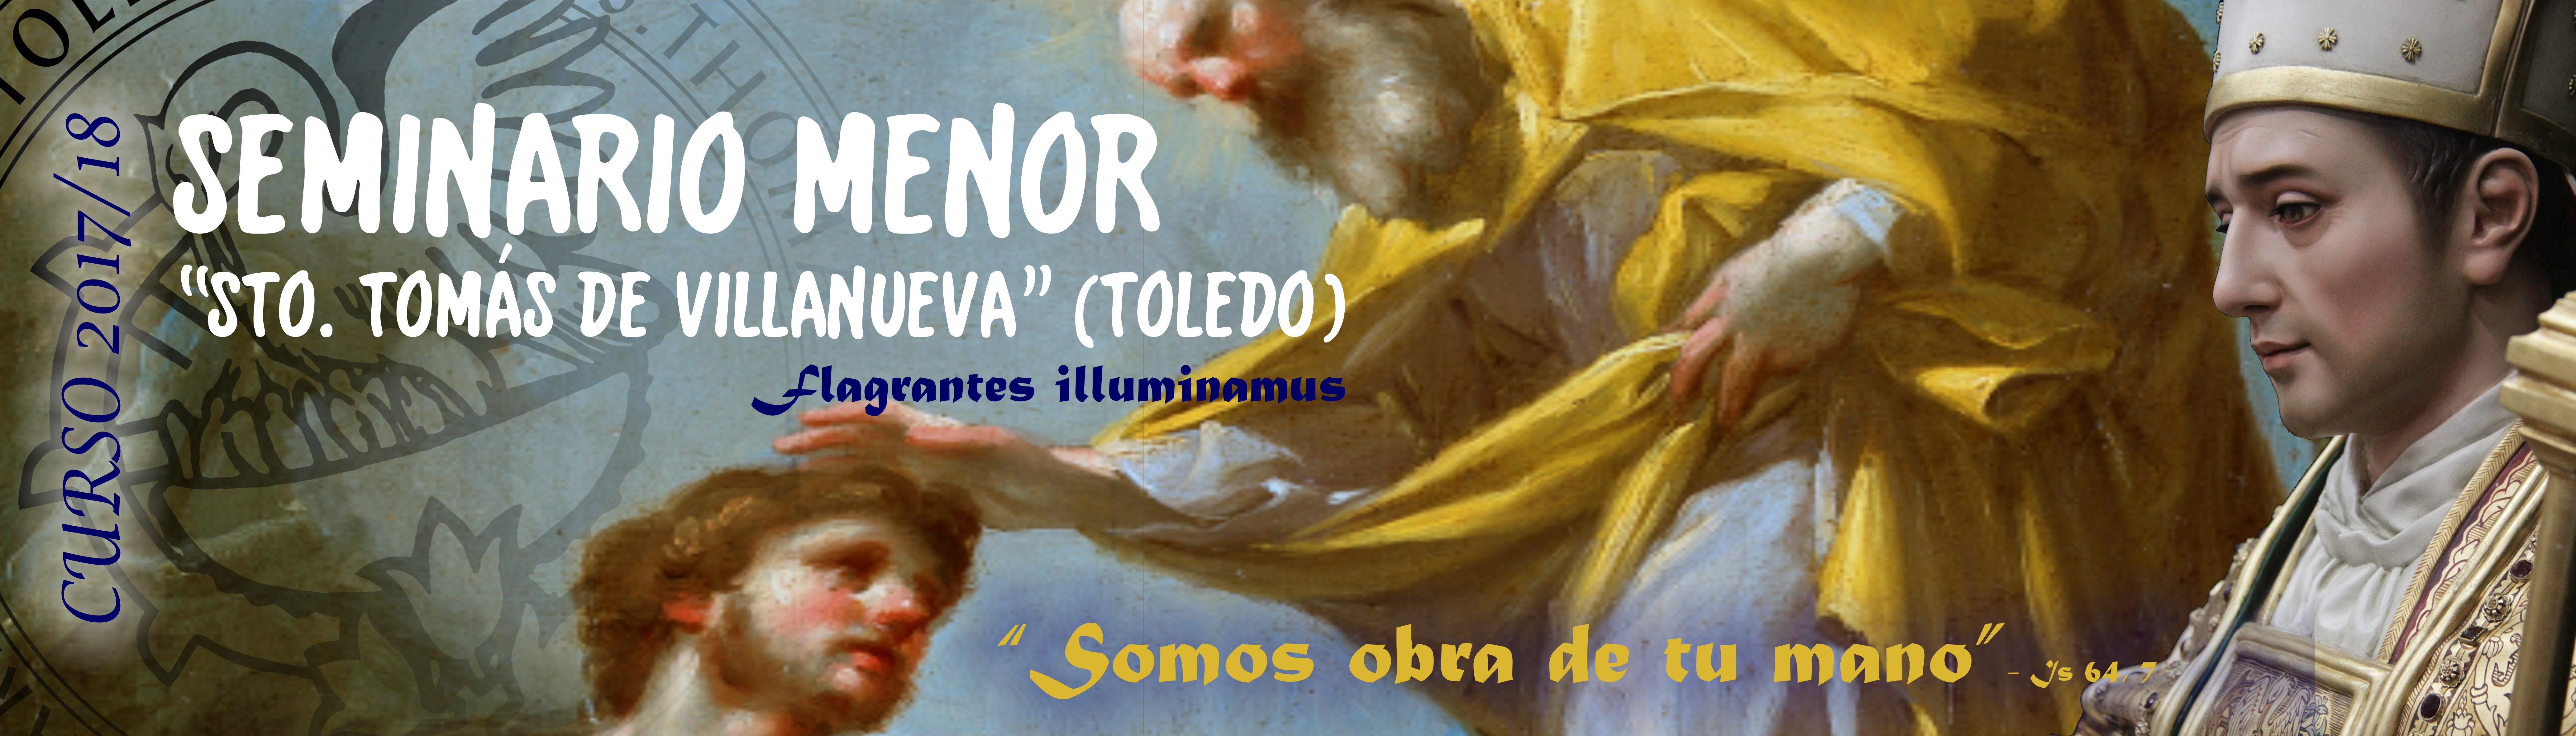 """Seminario Menor """"Sto. Tomás de Villanueva"""" (Toledo)"""